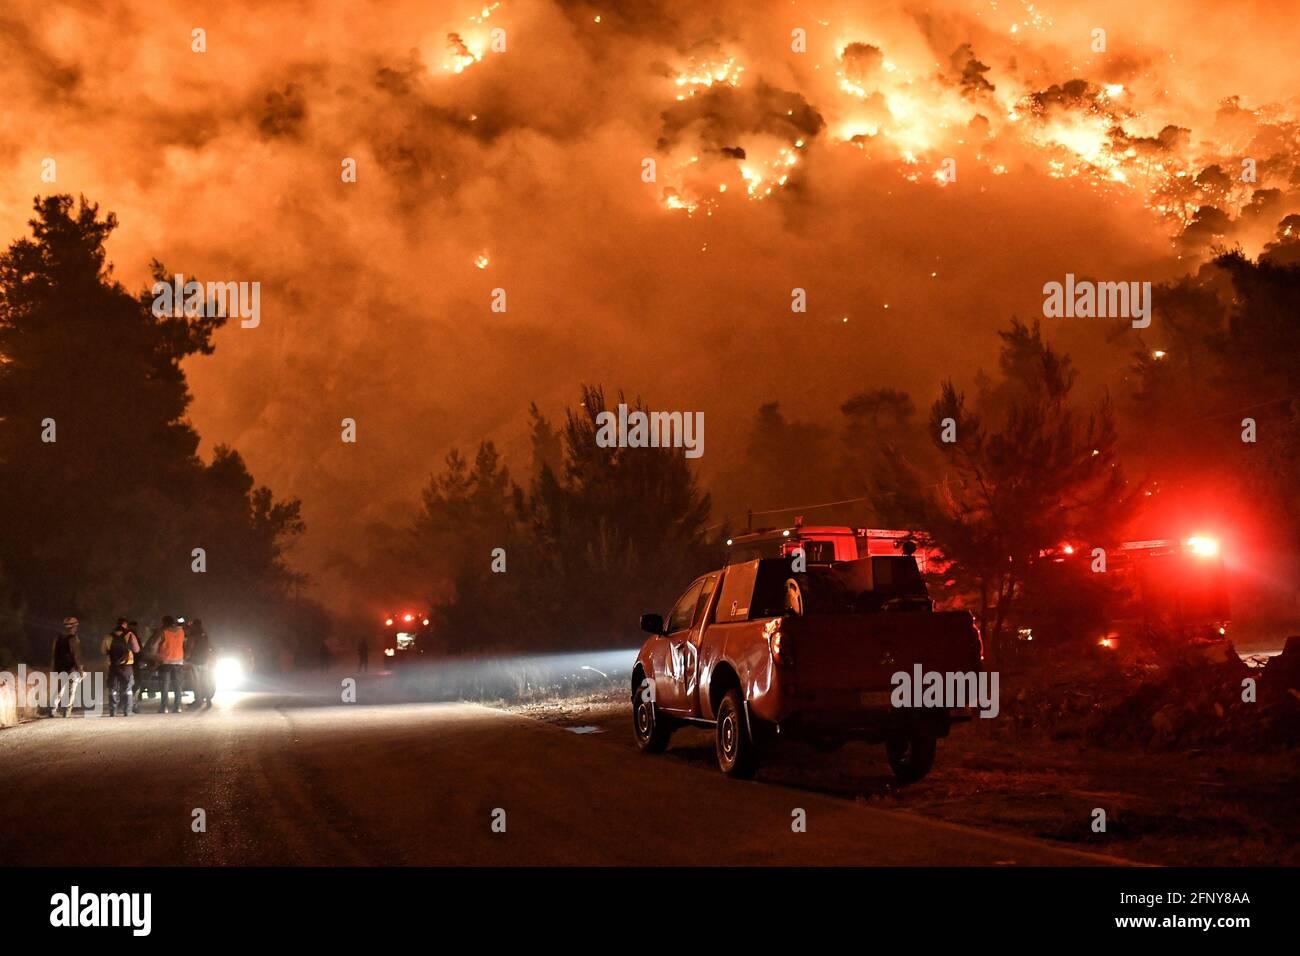 Le fiamme aumentano mentre i vigili del fuoco ed i volontari cercano di estinguere un incendio che brucia nel villaggio di Schinos, vicino Corinto, Grecia, 19 maggio 2021. Foto scattata il 19 maggio 2021. REUTERS/Vassilis Psomas Foto Stock